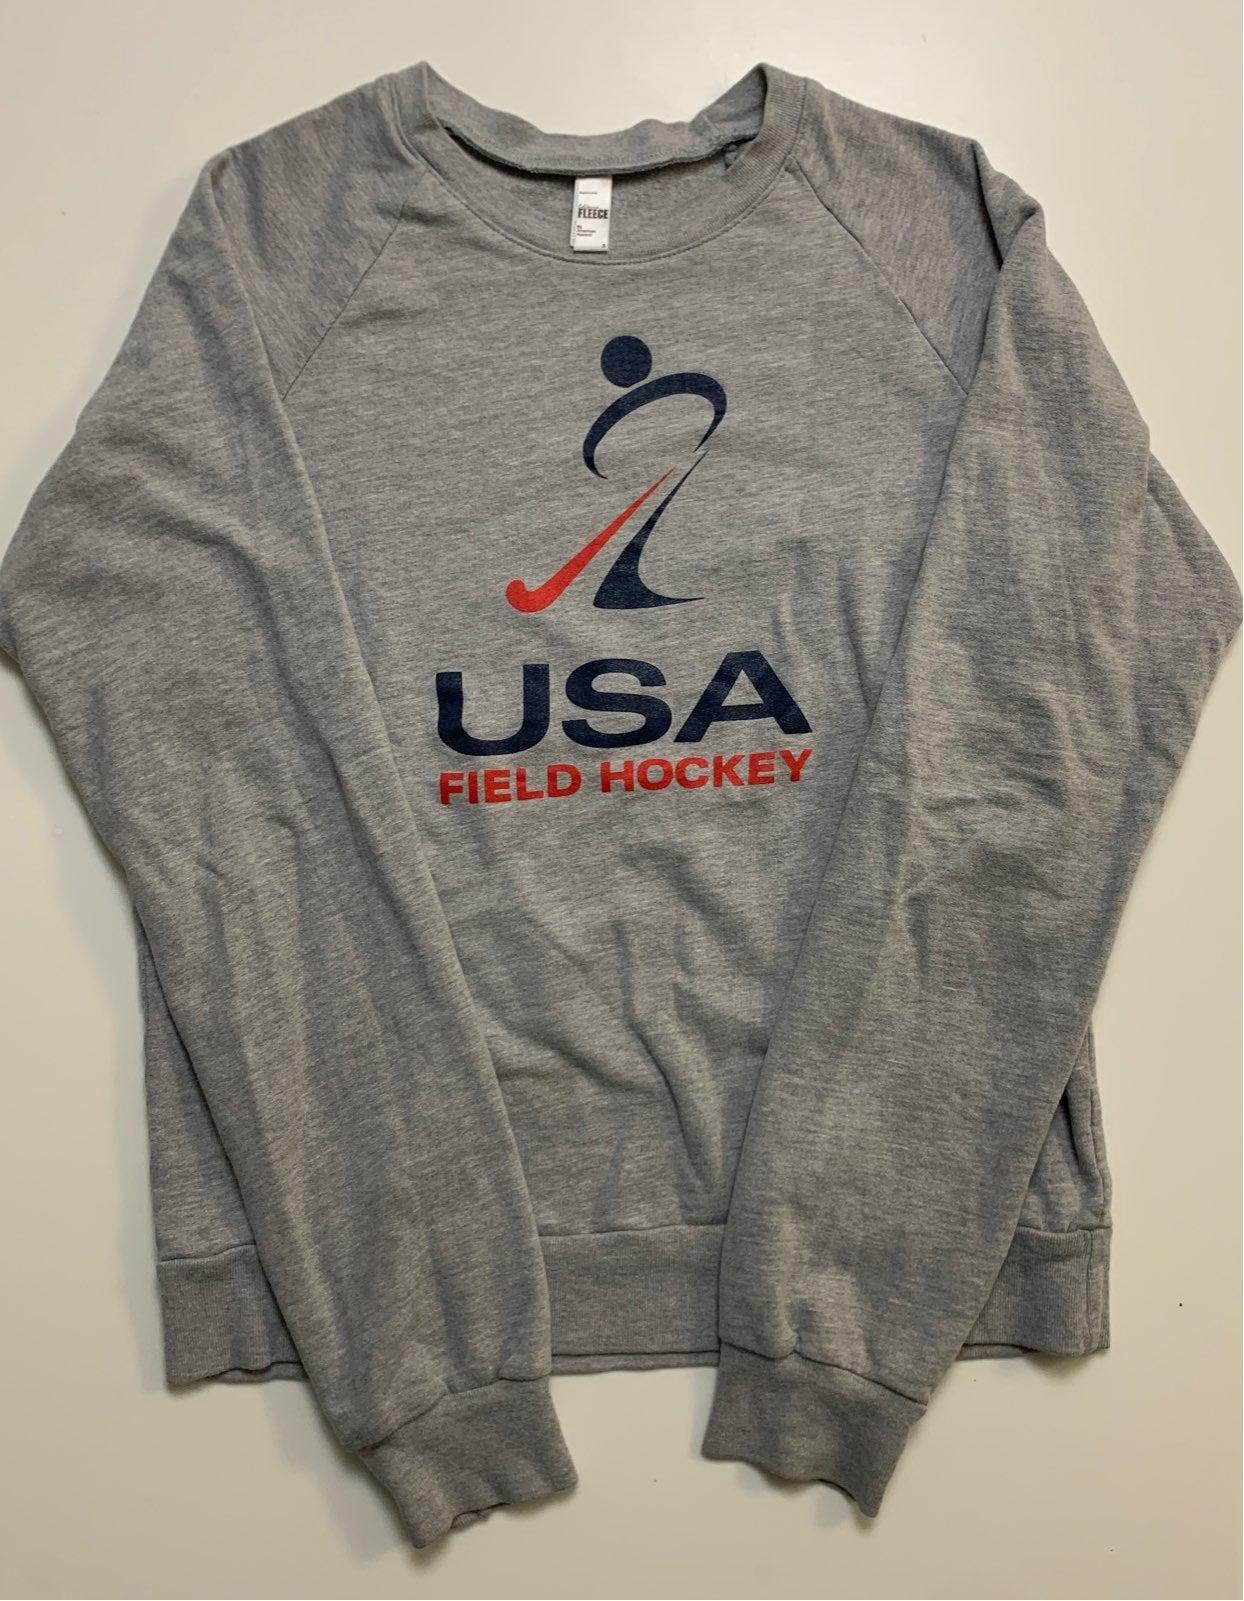 USA Field Hockey Sweatshirt size small